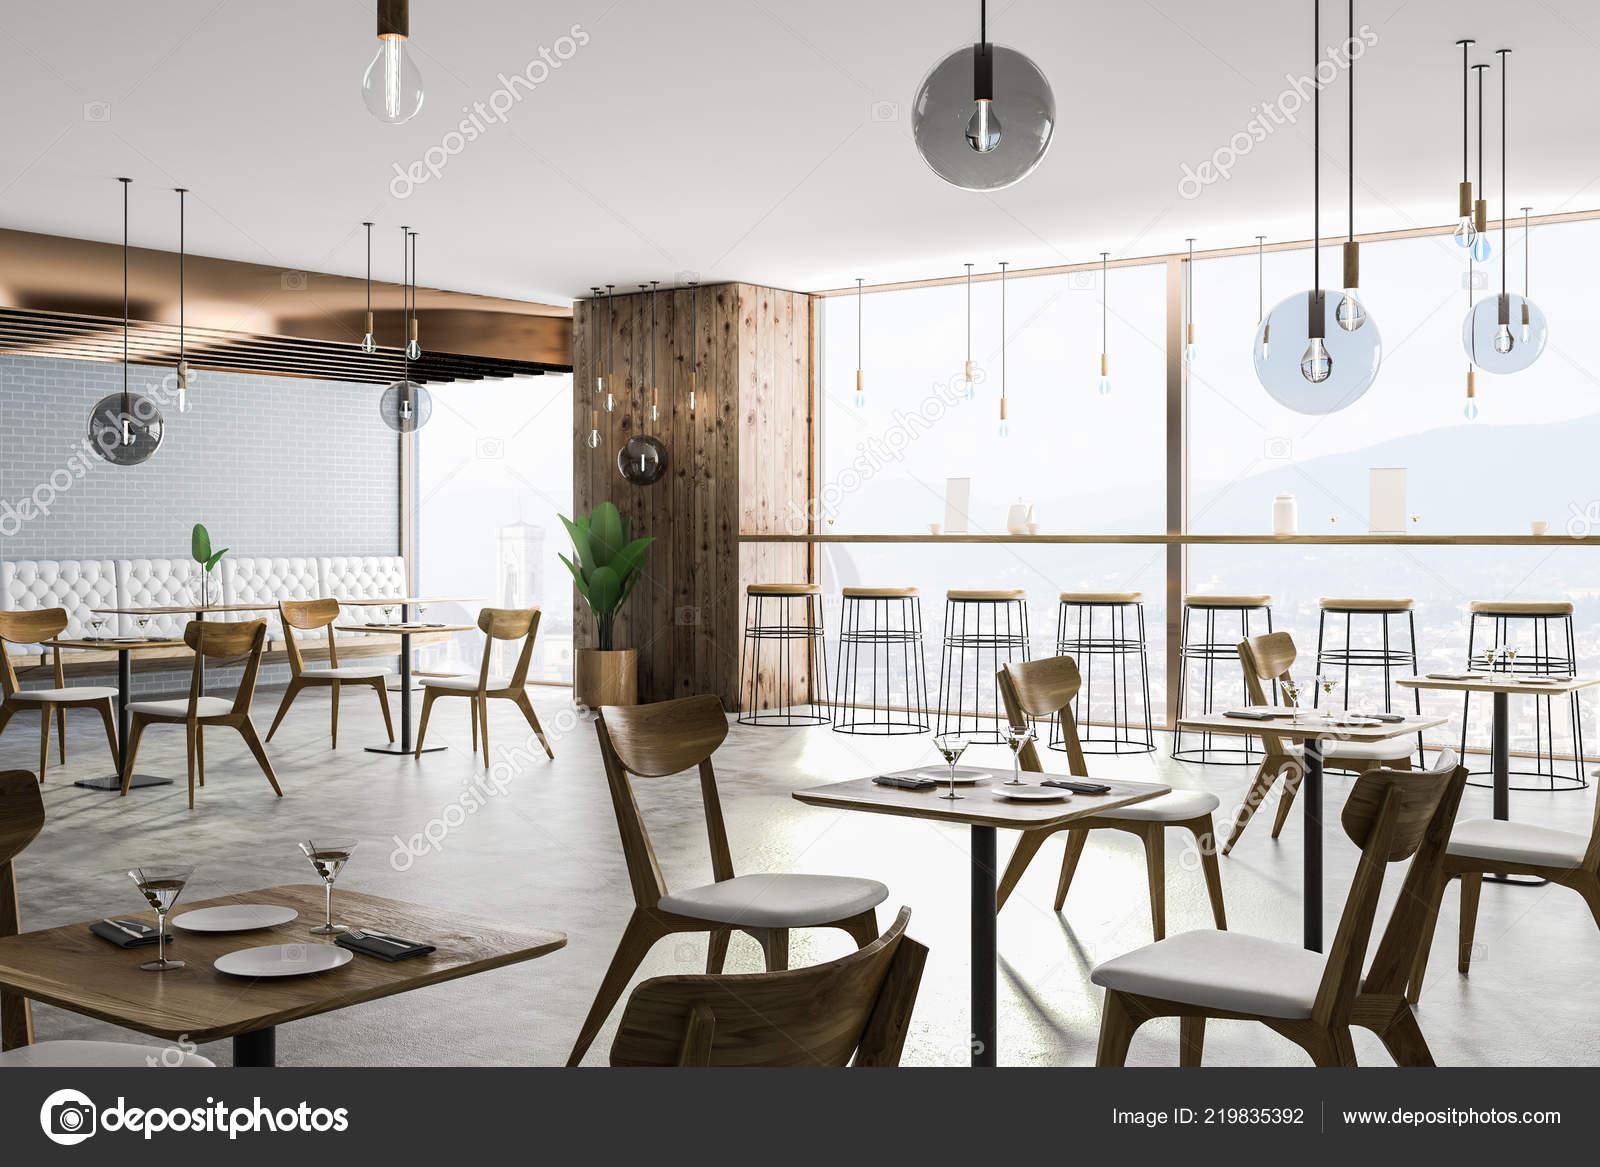 a44206a927bf Esquina Restaurante Moderno Con Ladrillo Gris Paredes Madera Piso Concreto  — Foto de Stock